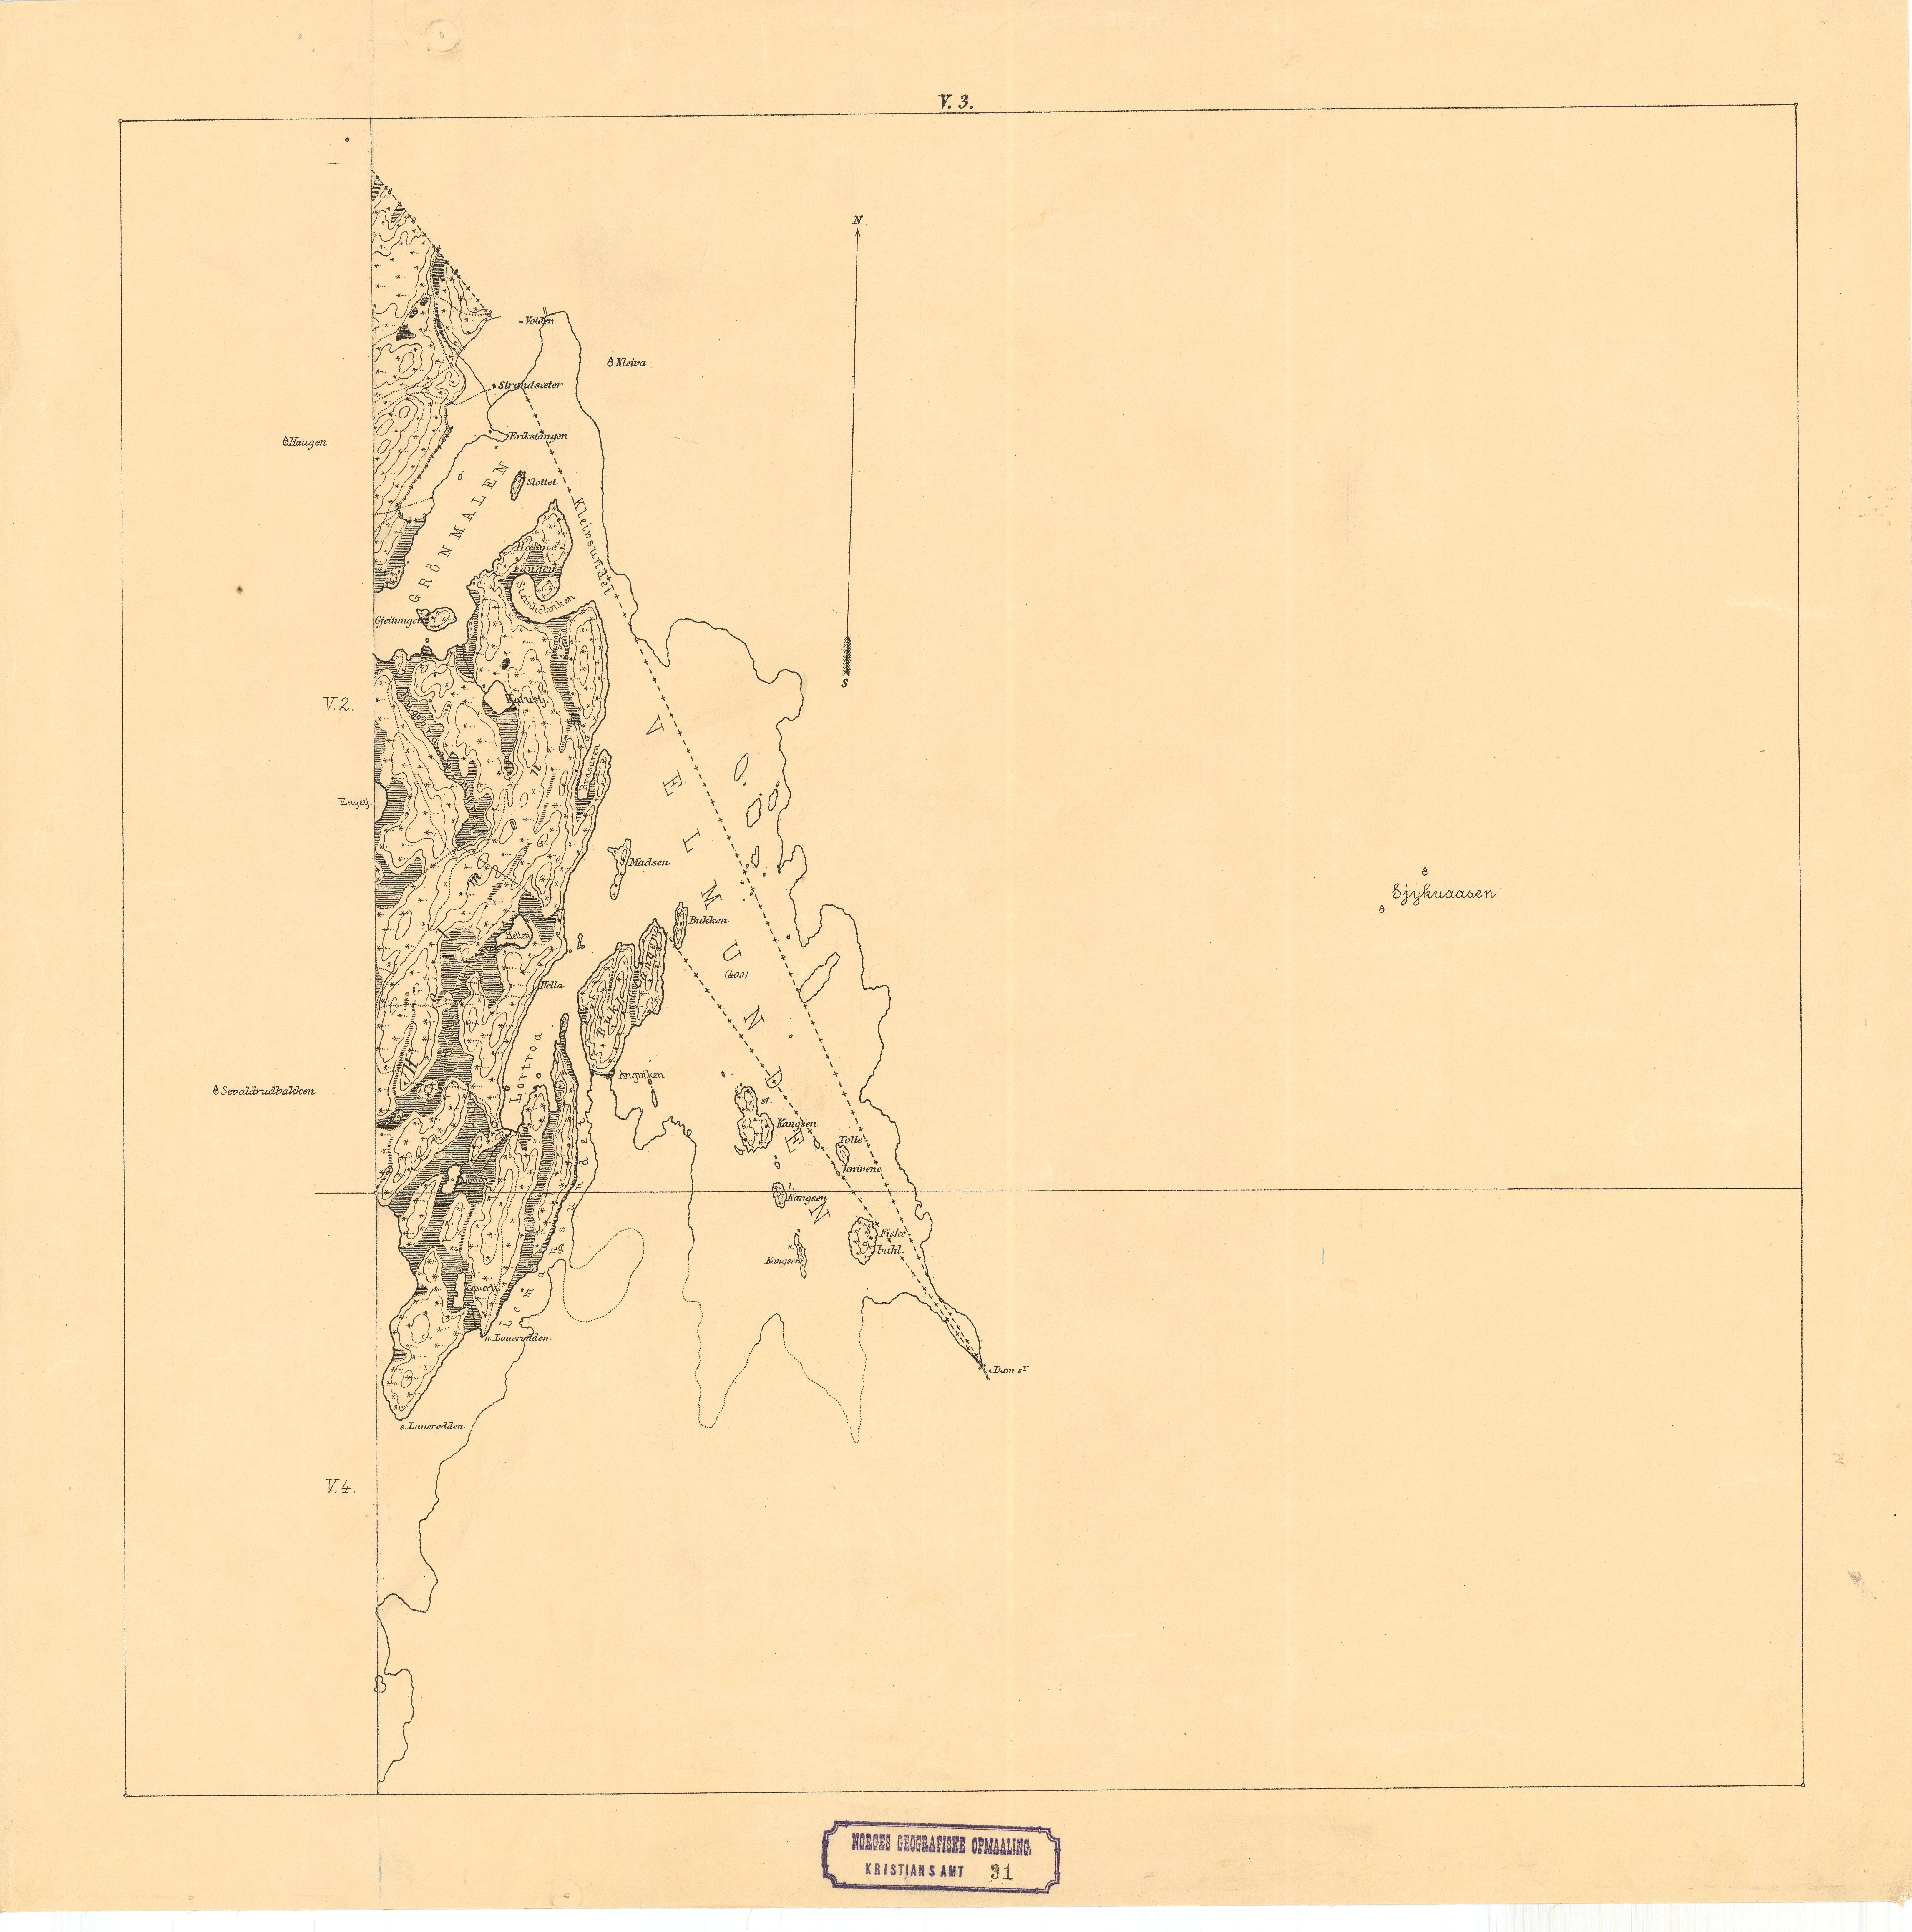 kart over hadeland File:Kristians amt nr 31 v3  Kart over Hadelands Almenning, 1904  kart over hadeland